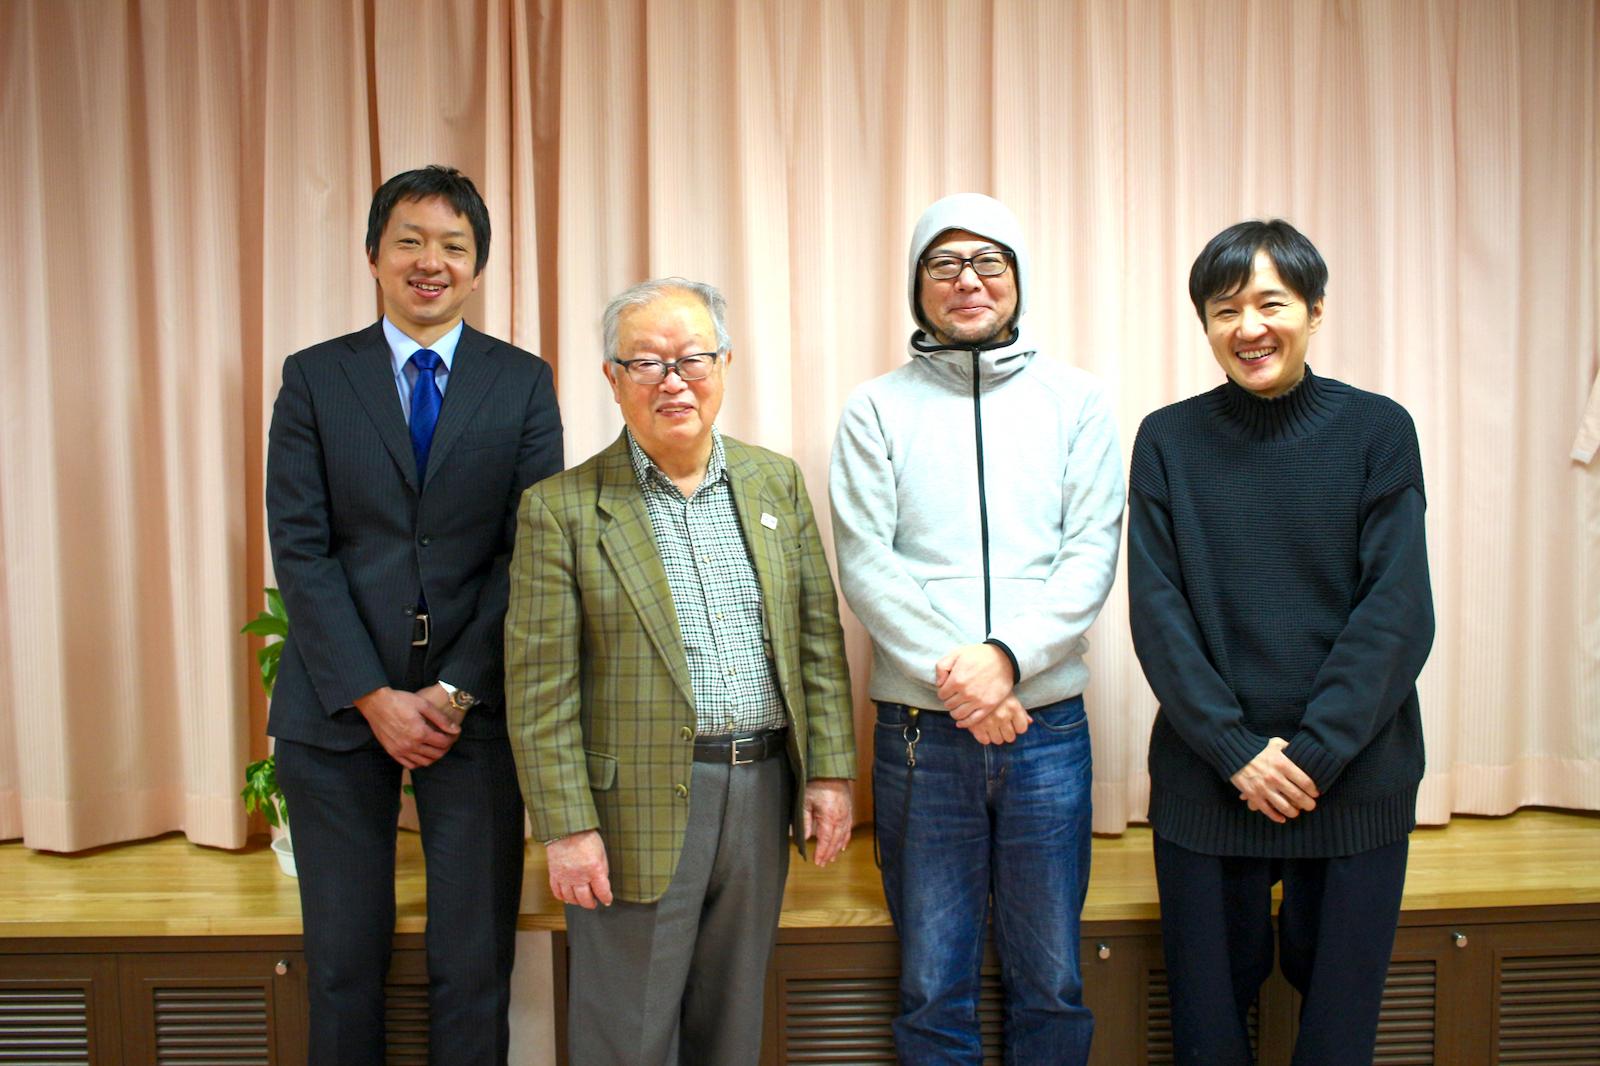 左から豊島区役所の小澤さん、西巣鴨新田町会の田崎さん、地域住民の芦田さん、良品計画の大友さん。